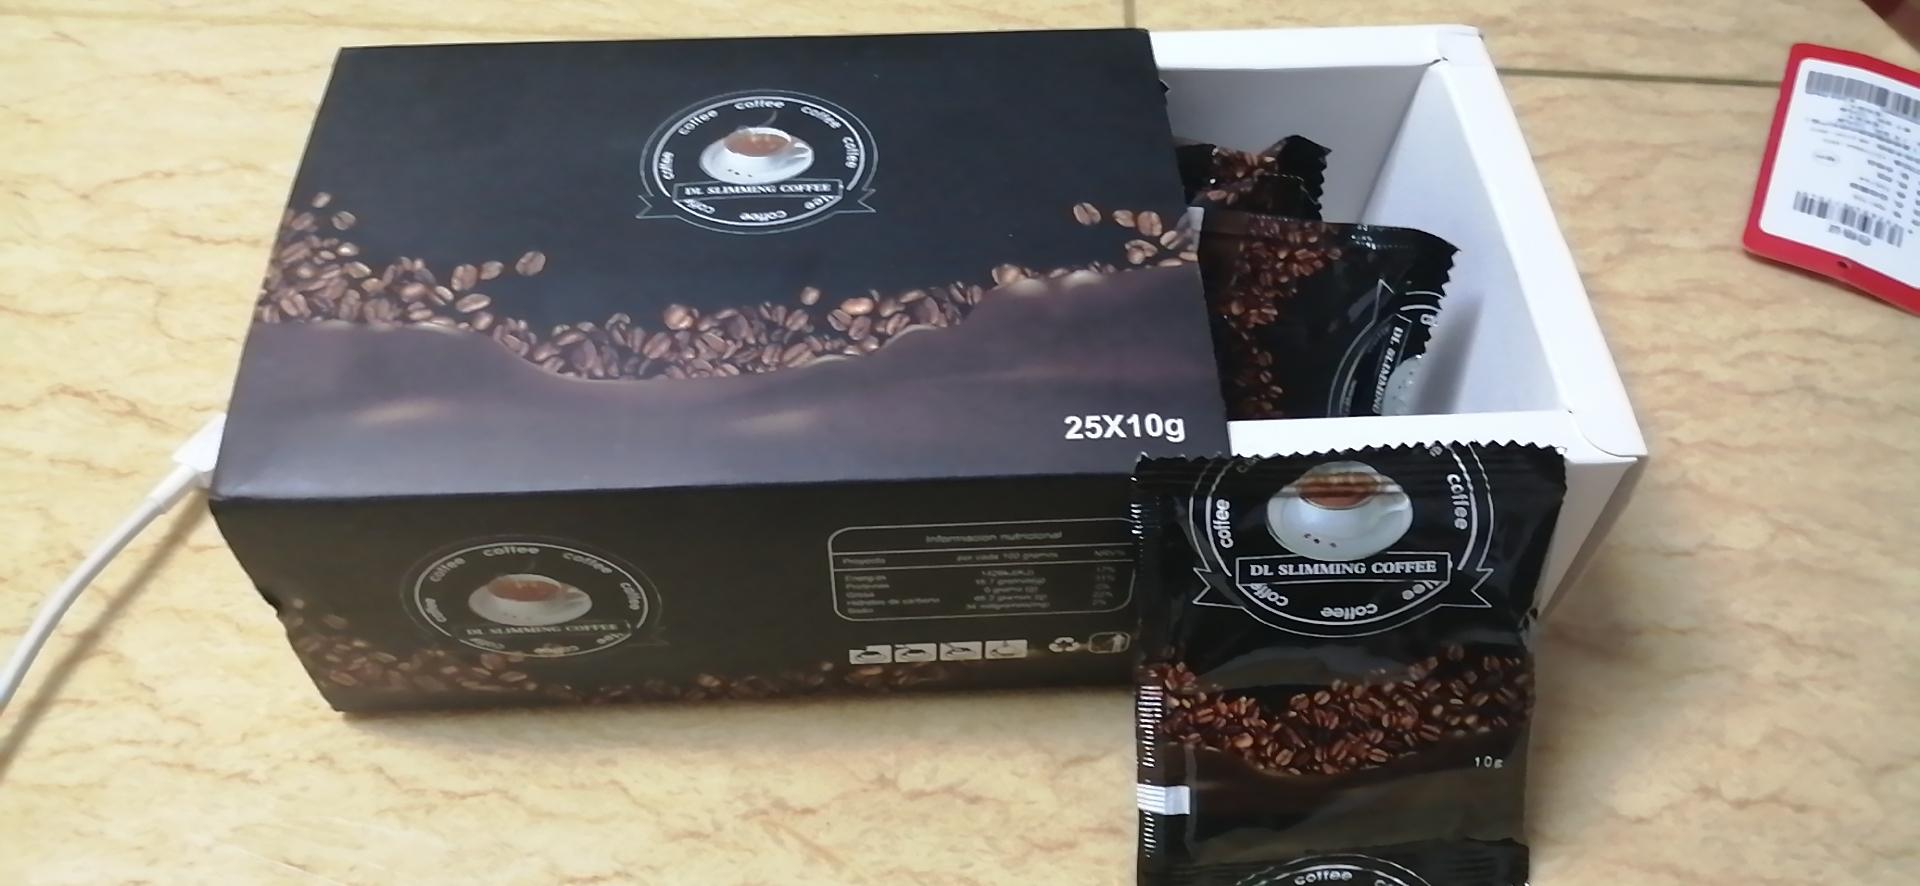 微爆款新款強效DL燃脂瘦身咖啡